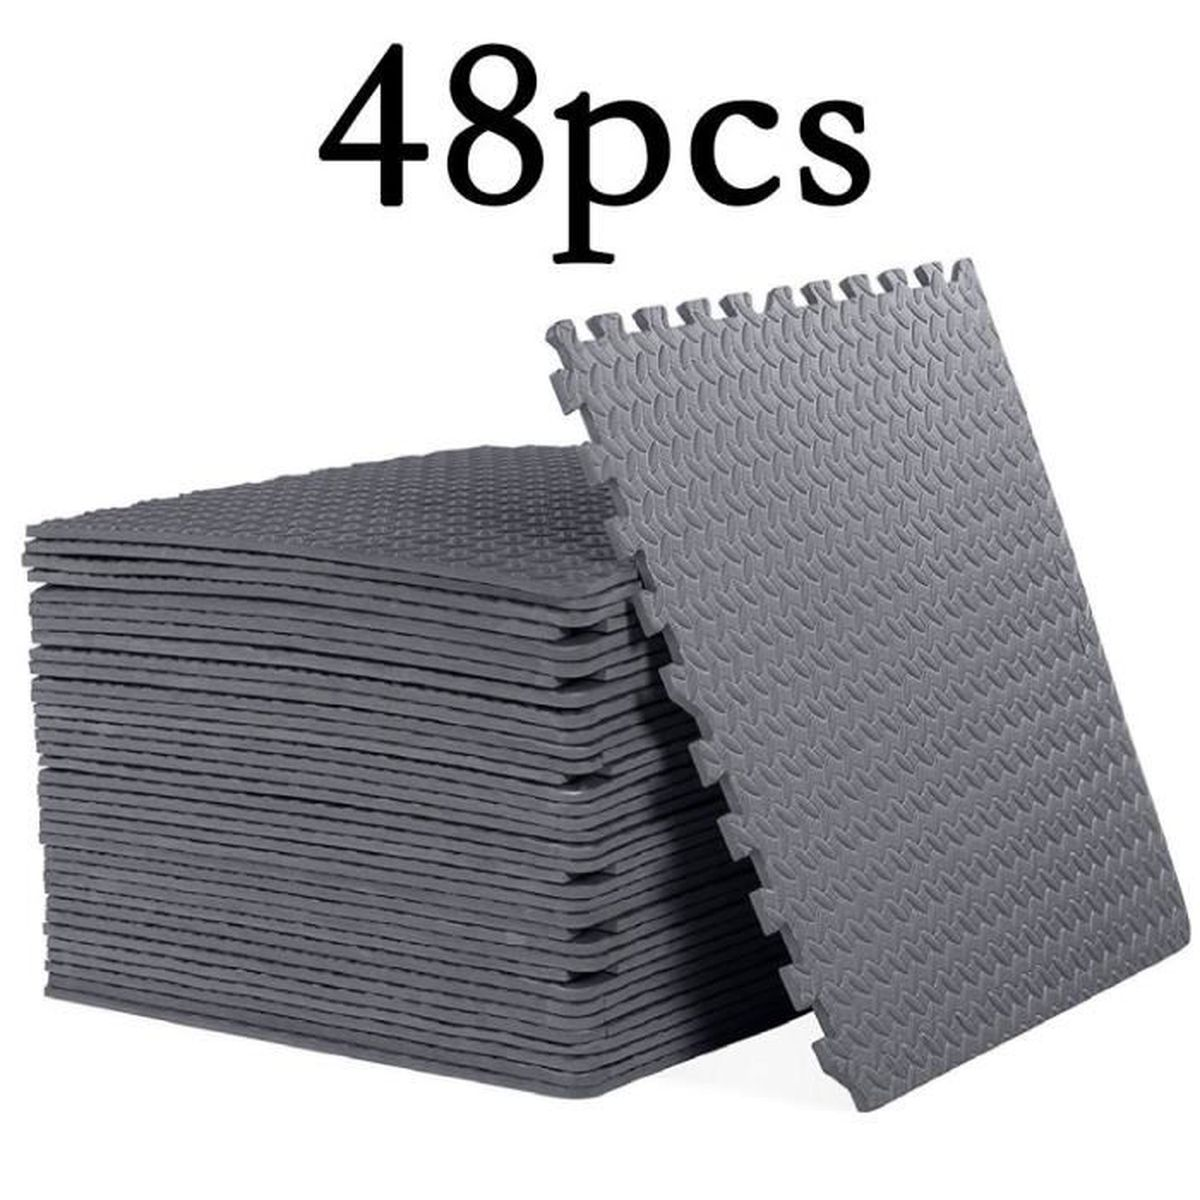 Lot De 48 Pcs Tapis De Protection De Sol 60 X 60 X 1cm Dalles En